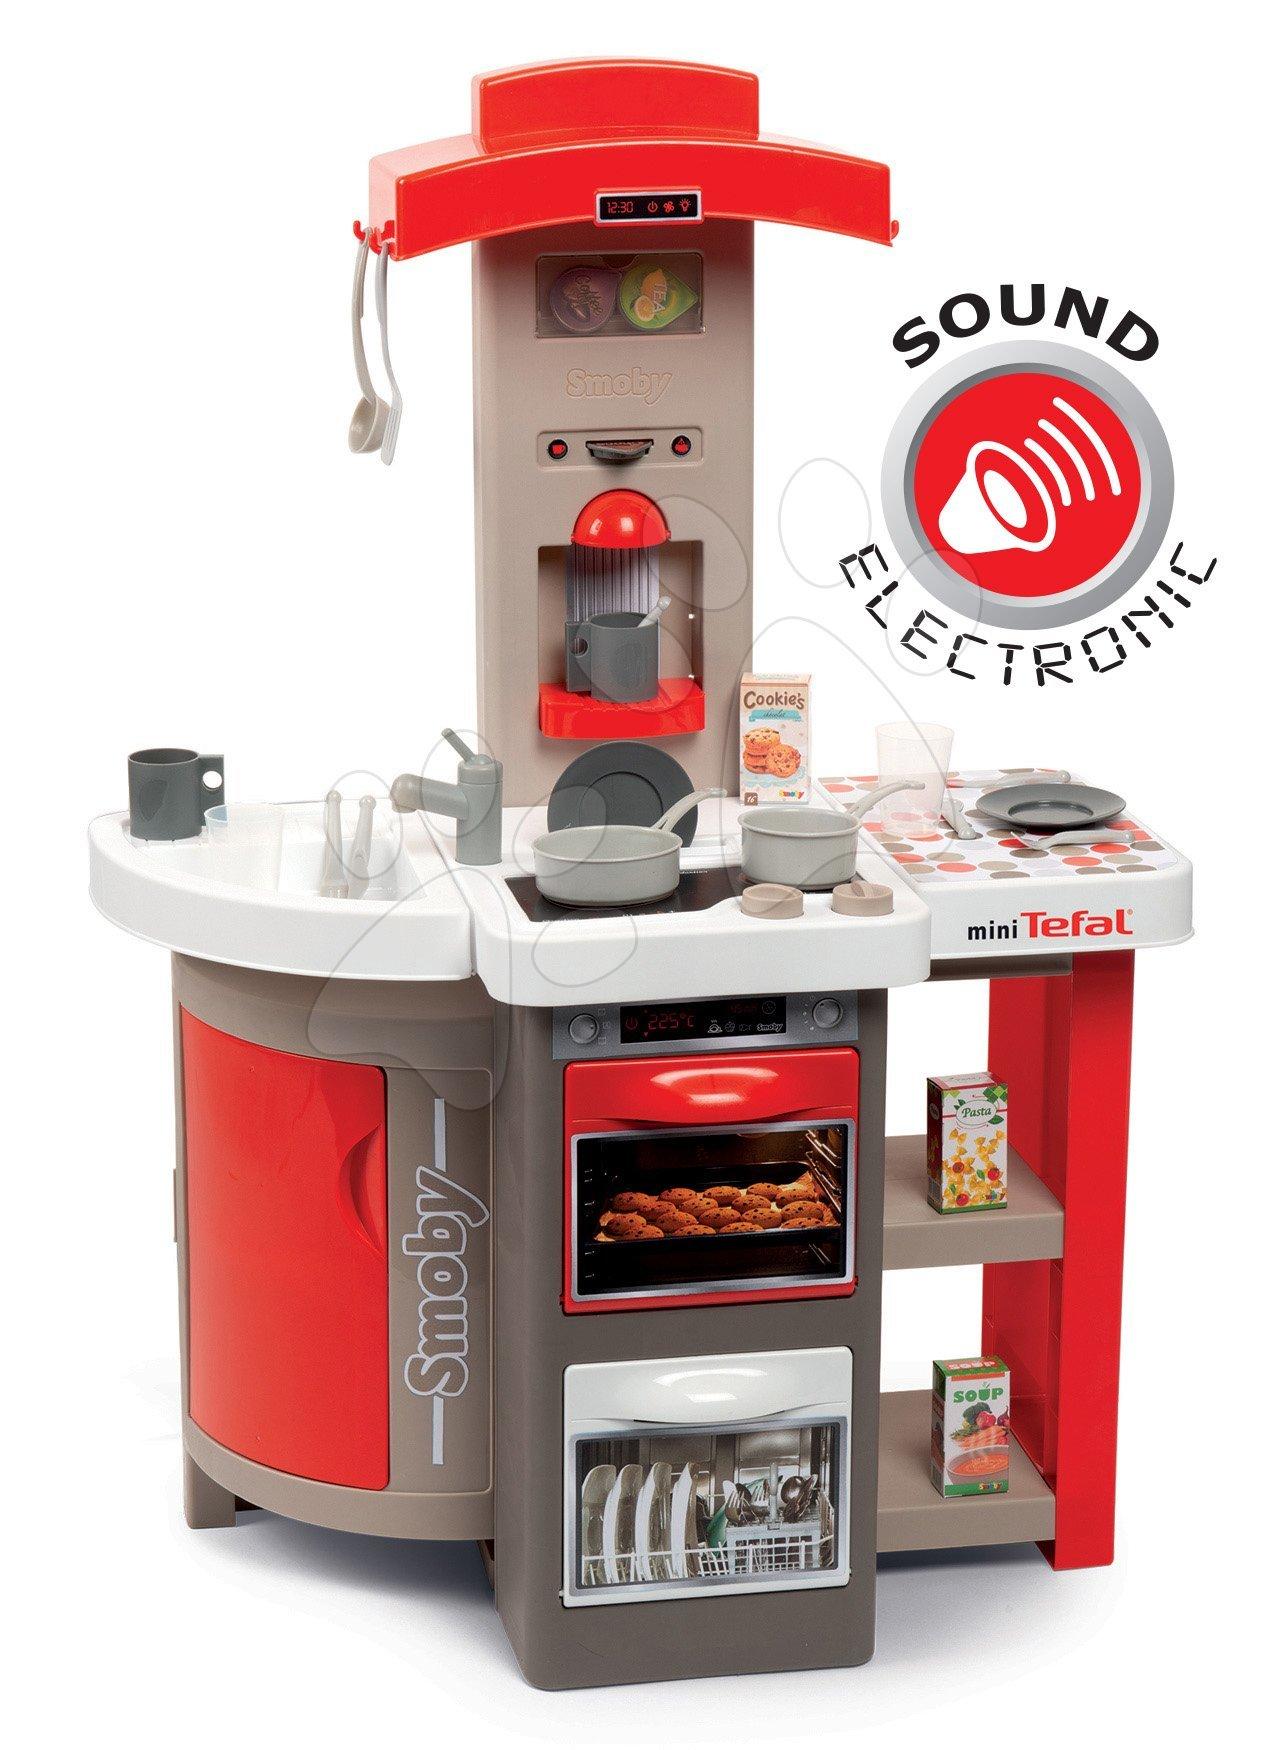 Kuchyňka skládací elektronická Tefal Opencook Smoby červená s kávovarem a chladničkou a 22 doplňků